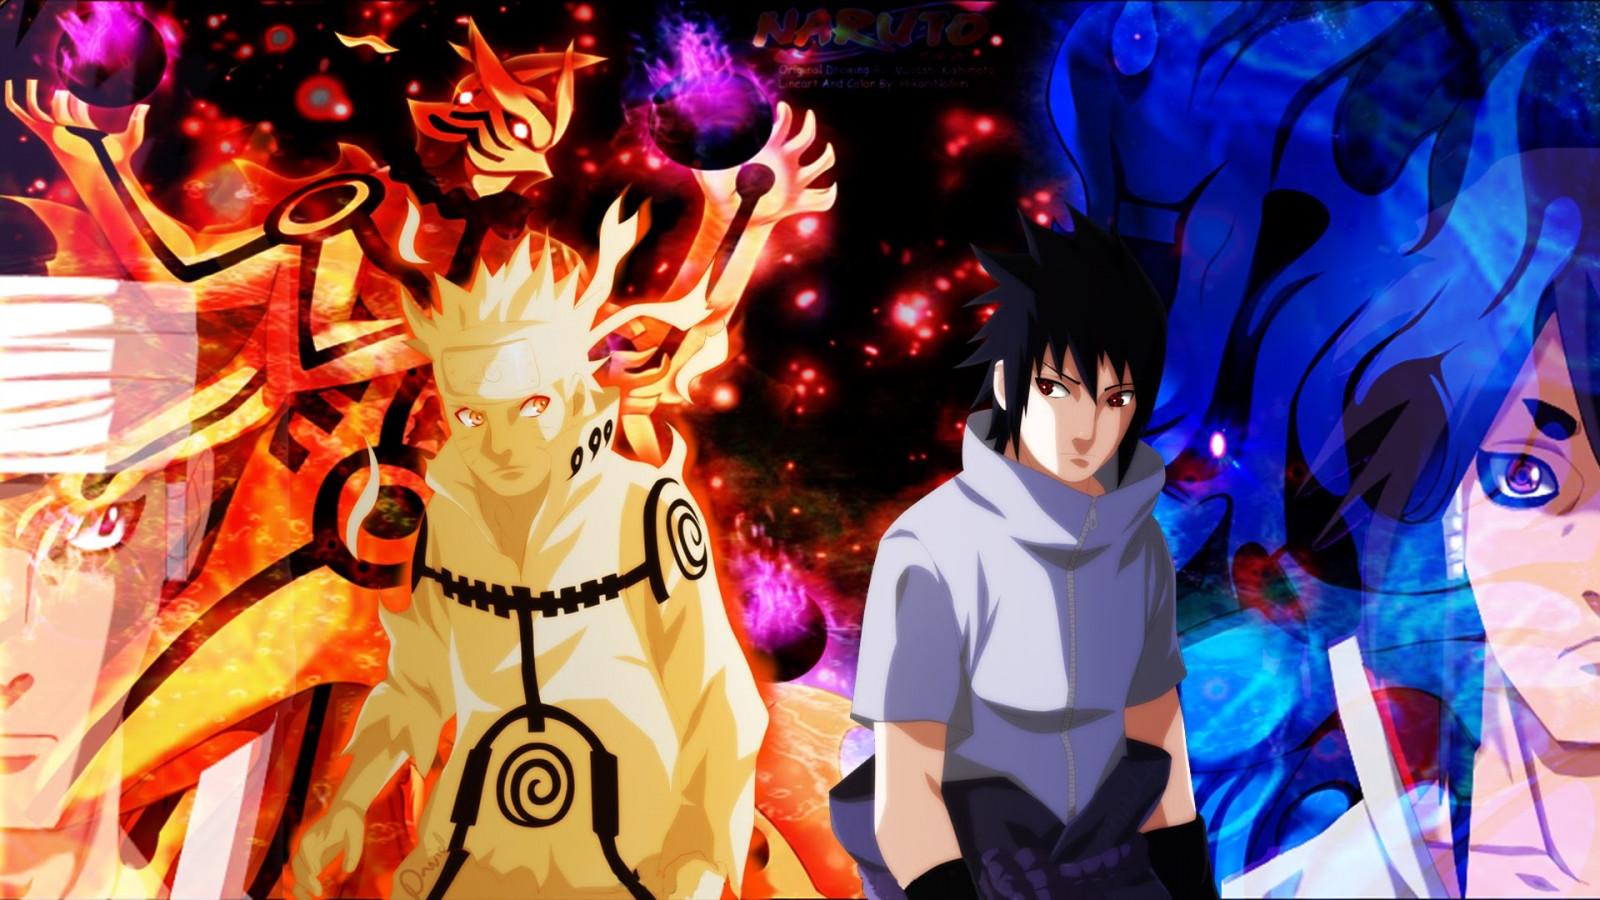 Wallpaper Uchiha Sasuke Uzumaki Naruto Ashura Otsutsuki